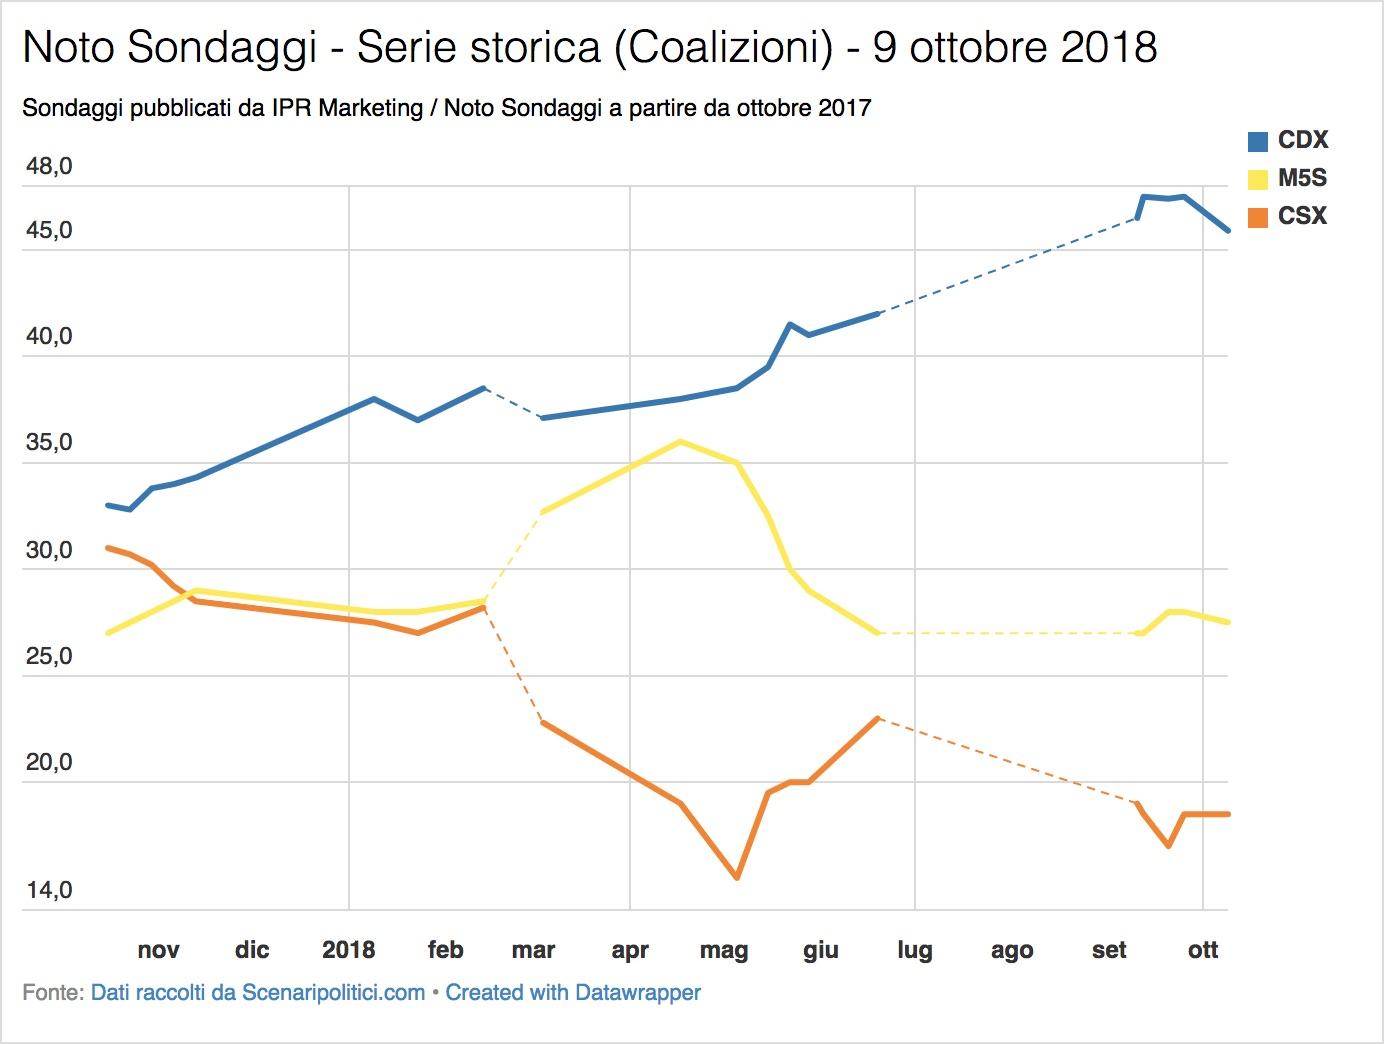 Sondaggio Noto (9 ottobre 2018)